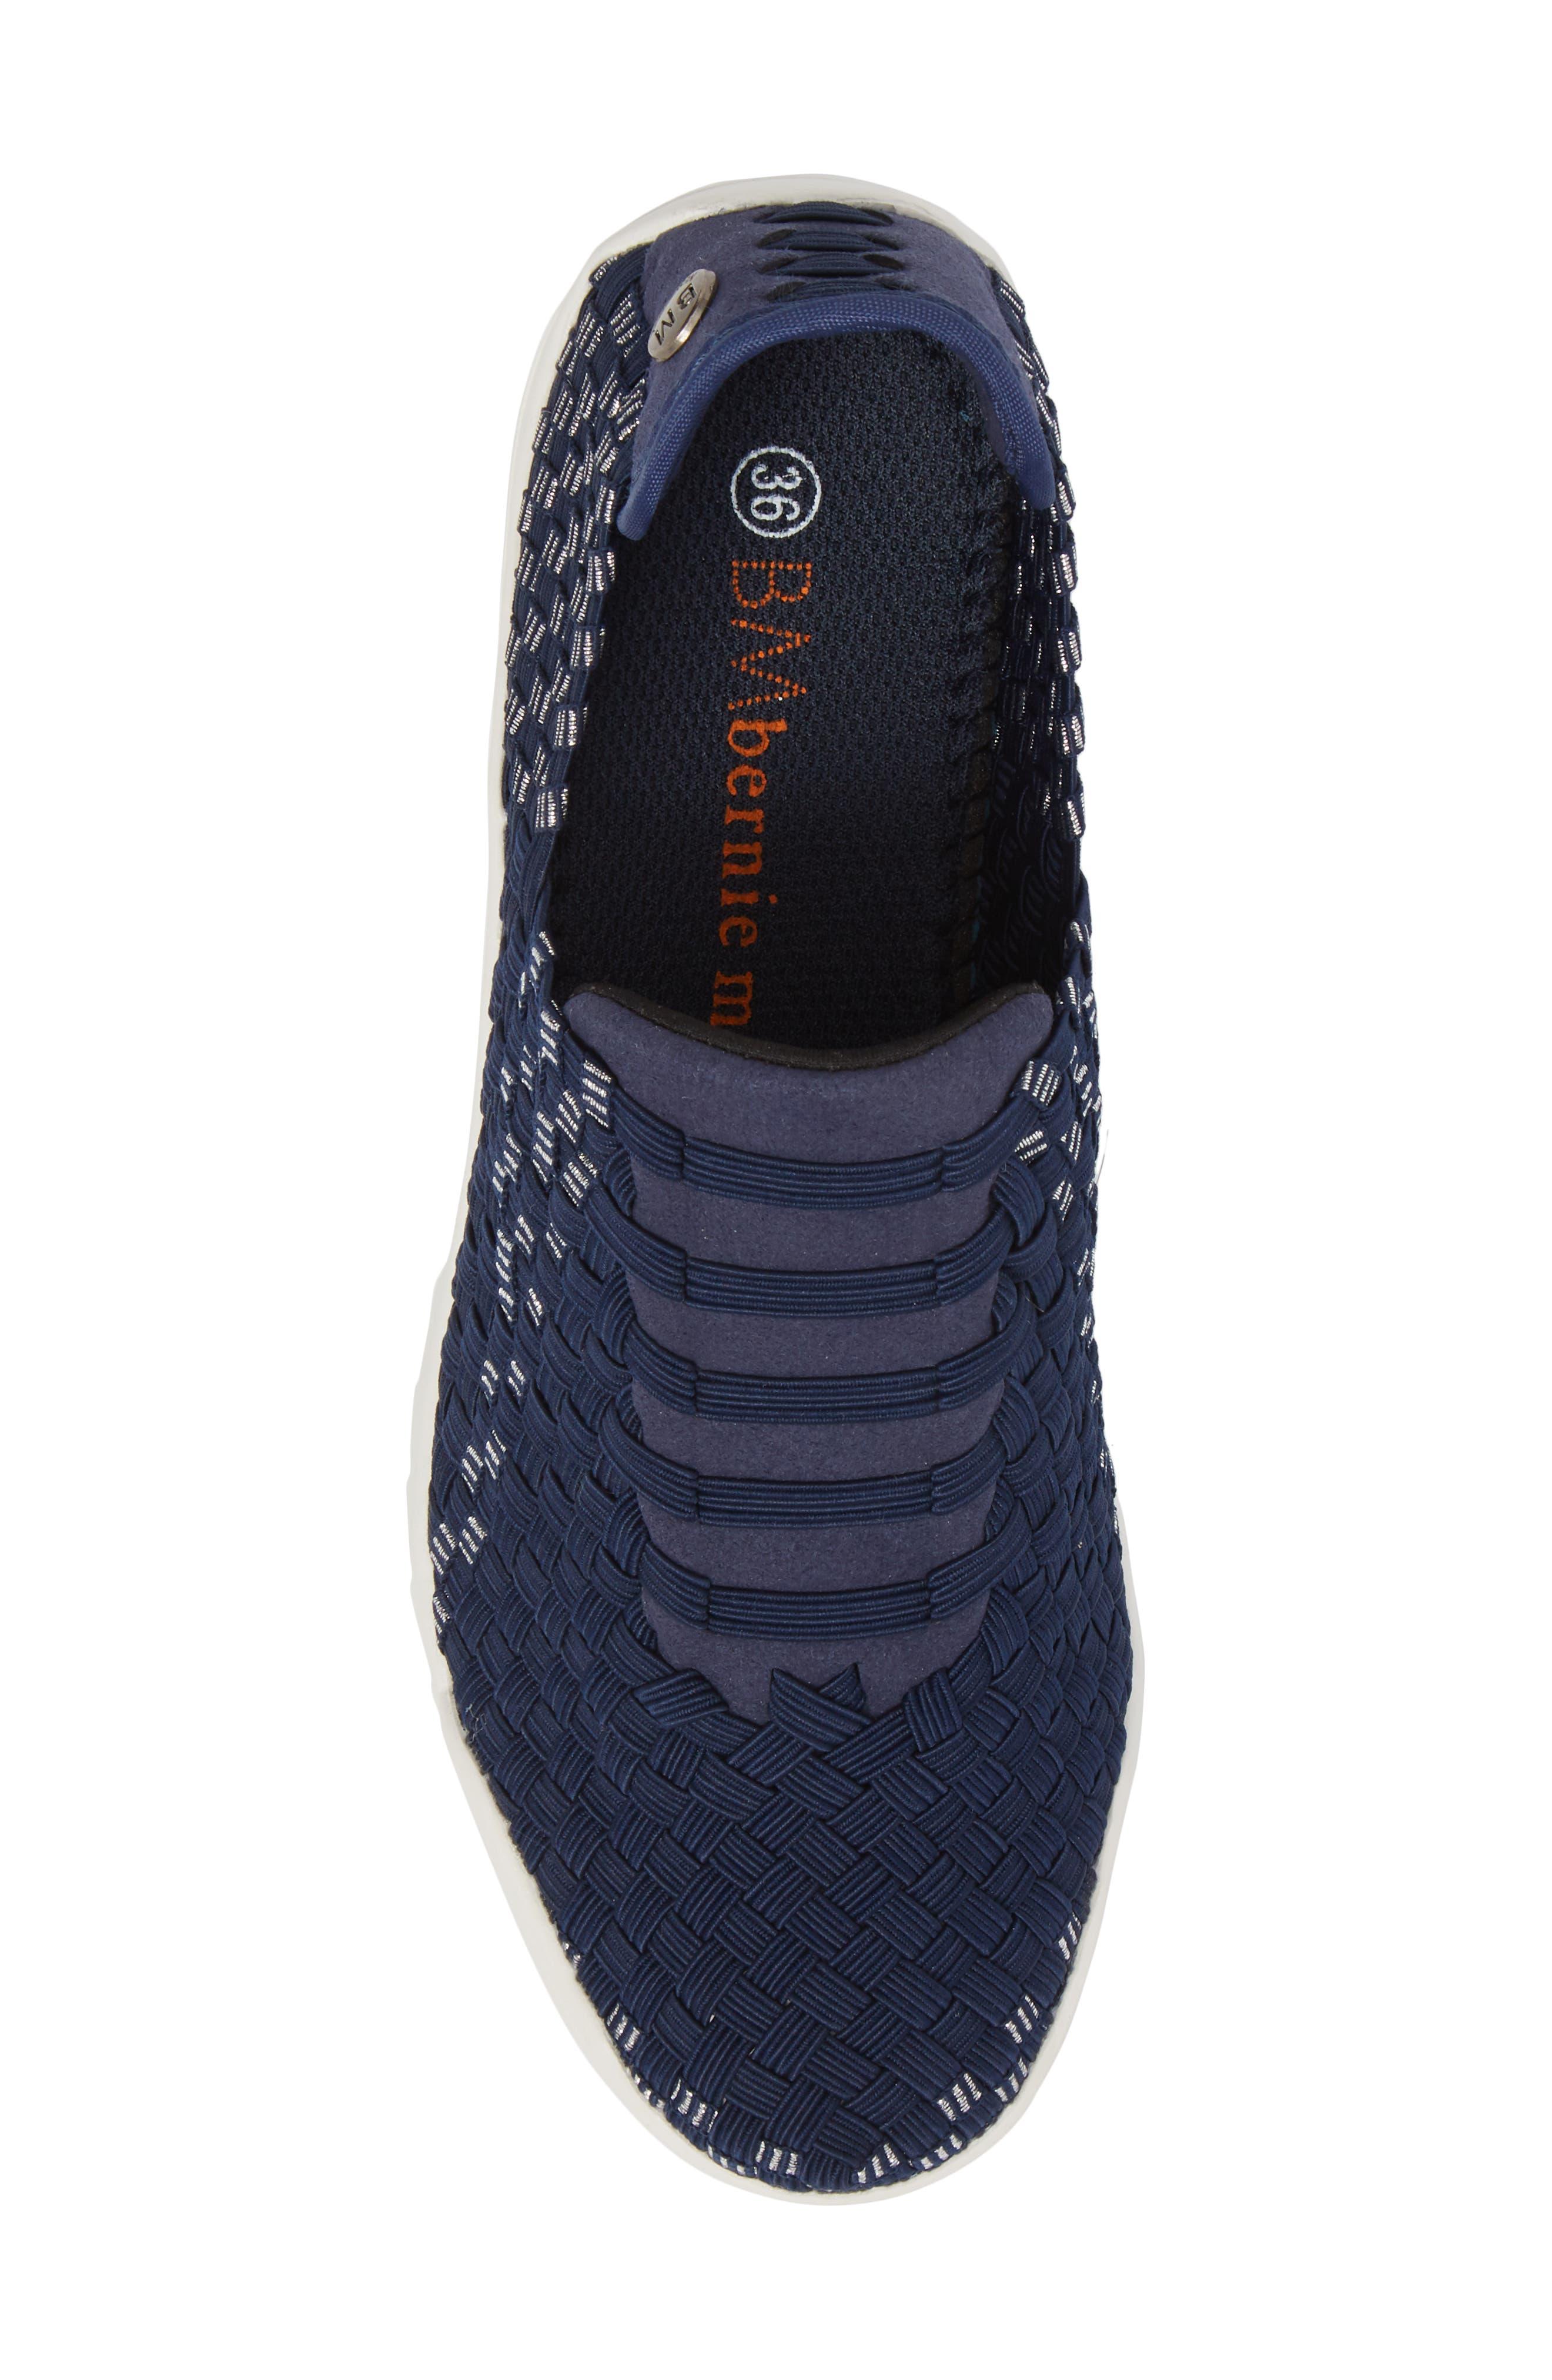 Rigged Vivaldi Slip-On Sneaker,                             Alternate thumbnail 5, color,                             Navy Lurex